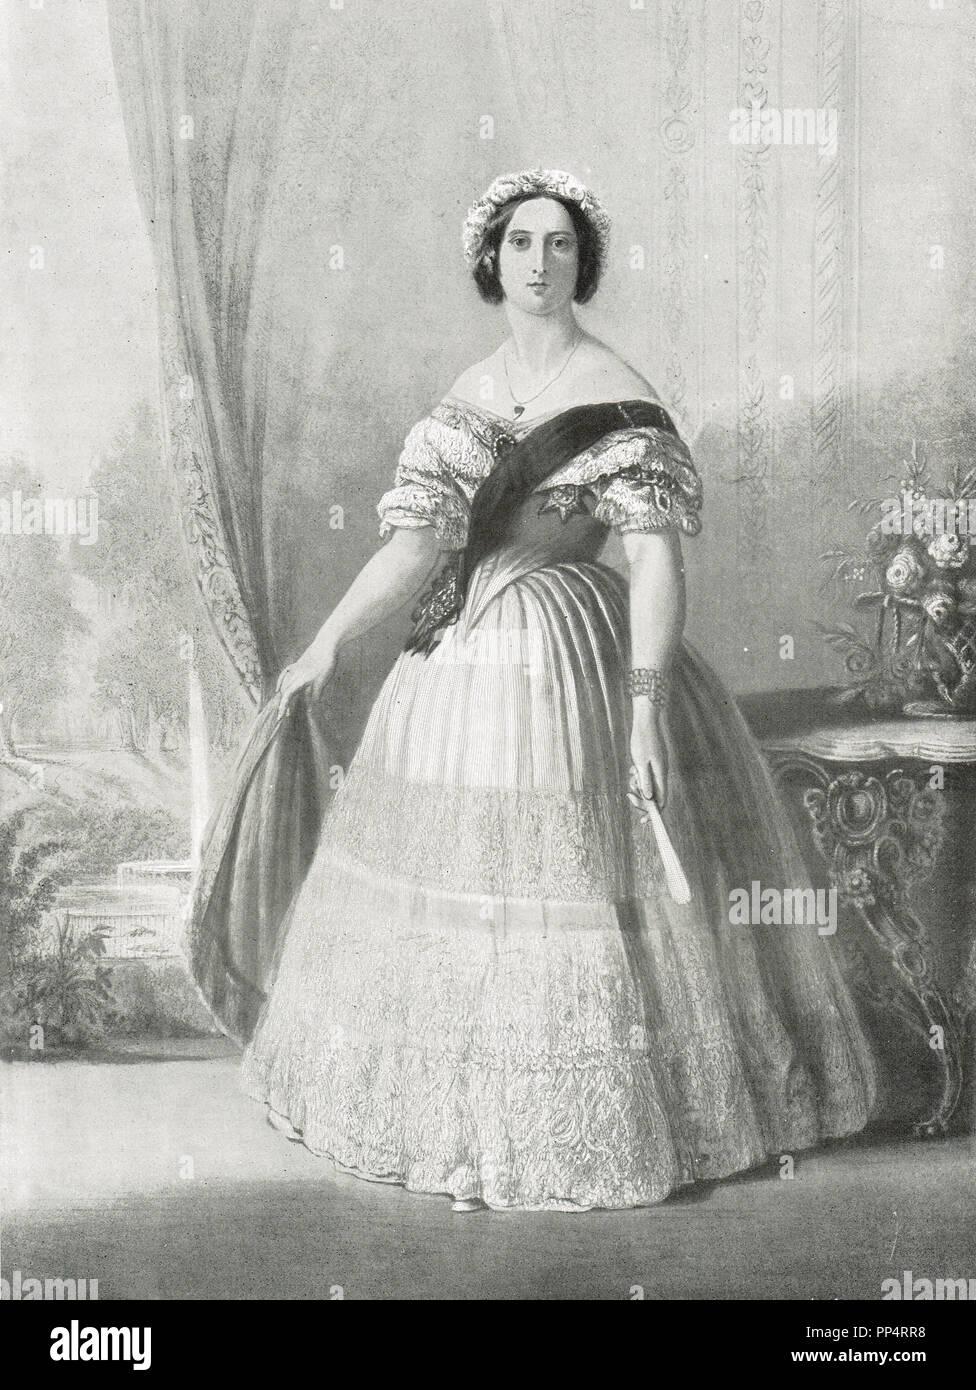 La reina Victoria en 1843 Imagen De Stock